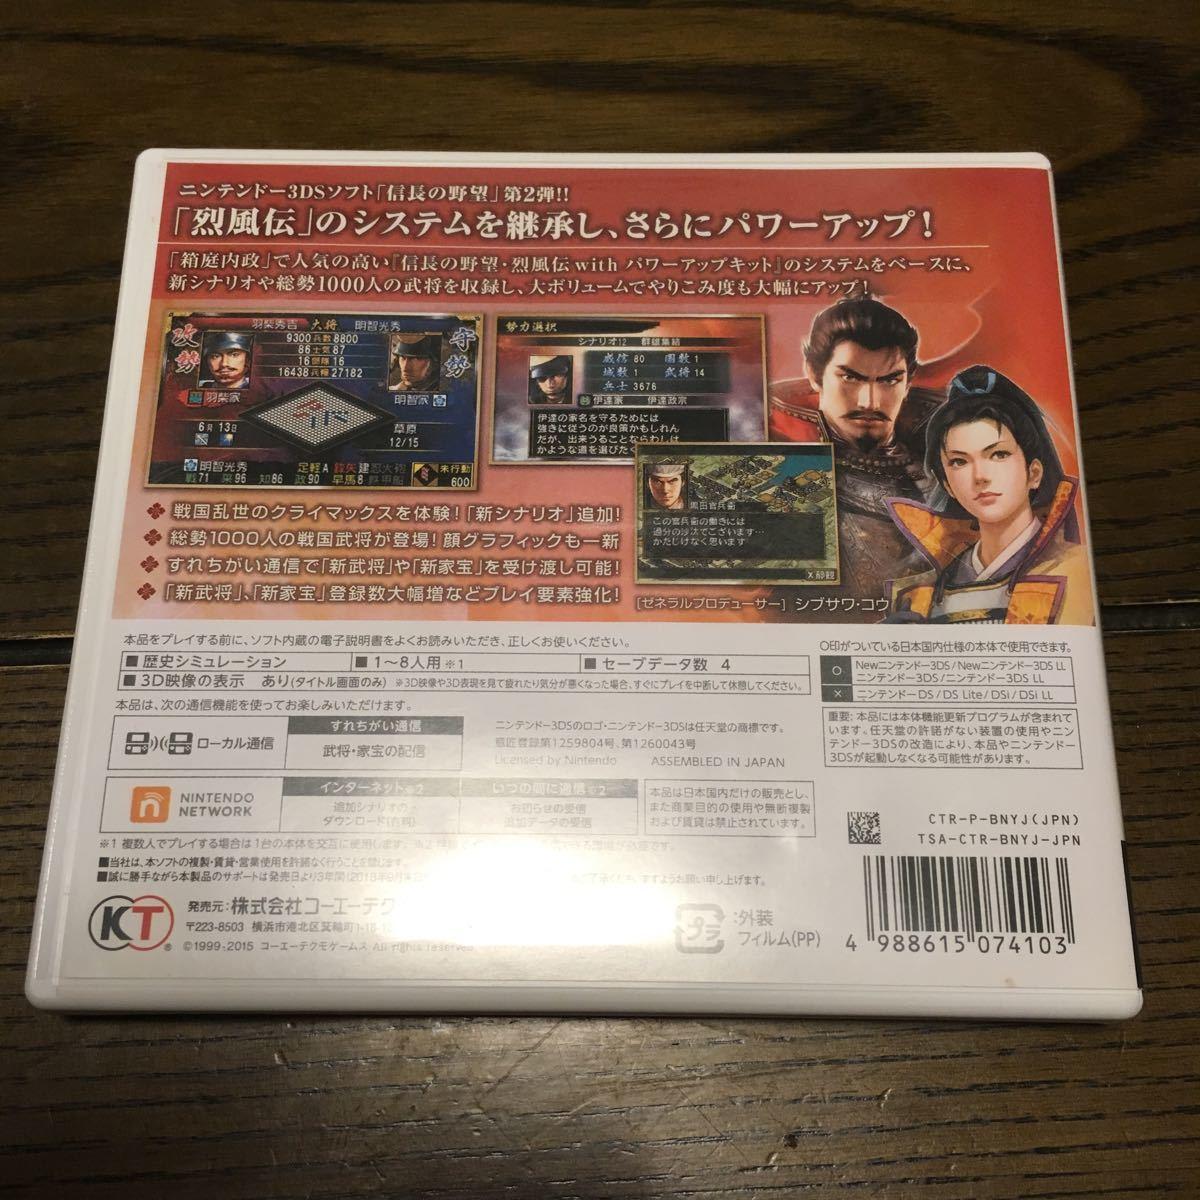 信長の野望 2 任天堂 3DS ソフト koei_画像2